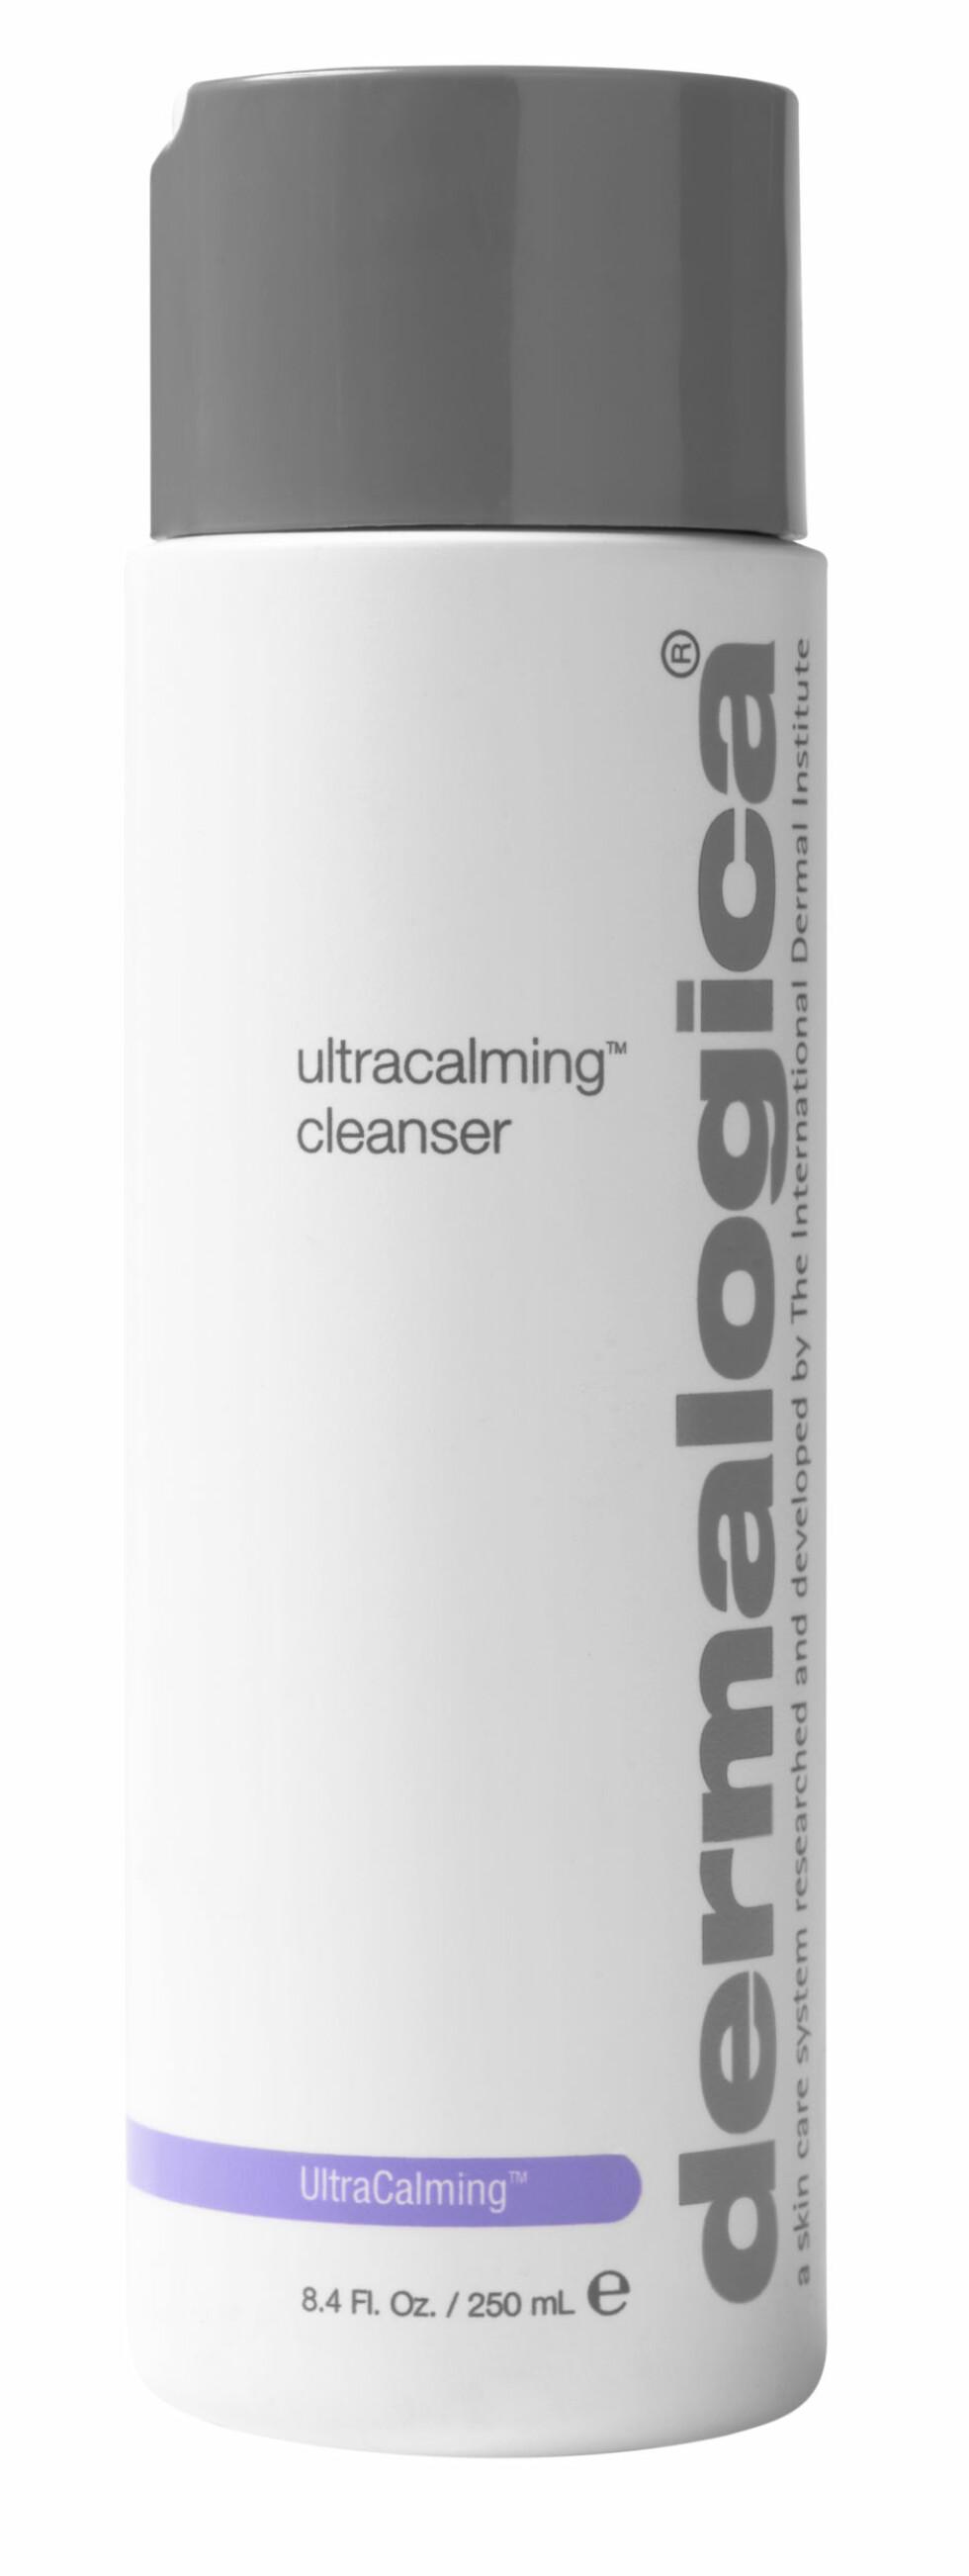 Ultracalming Cleanser fra Dermalogica er en mild og rensende gelé/krem, som vaskes av med vann eller fuktig bomullspad eller klut. Passer for deg med sensitiv og irritert hud, da den har milde og beroligende ingredienser, kr 375. Foto: Produsenten